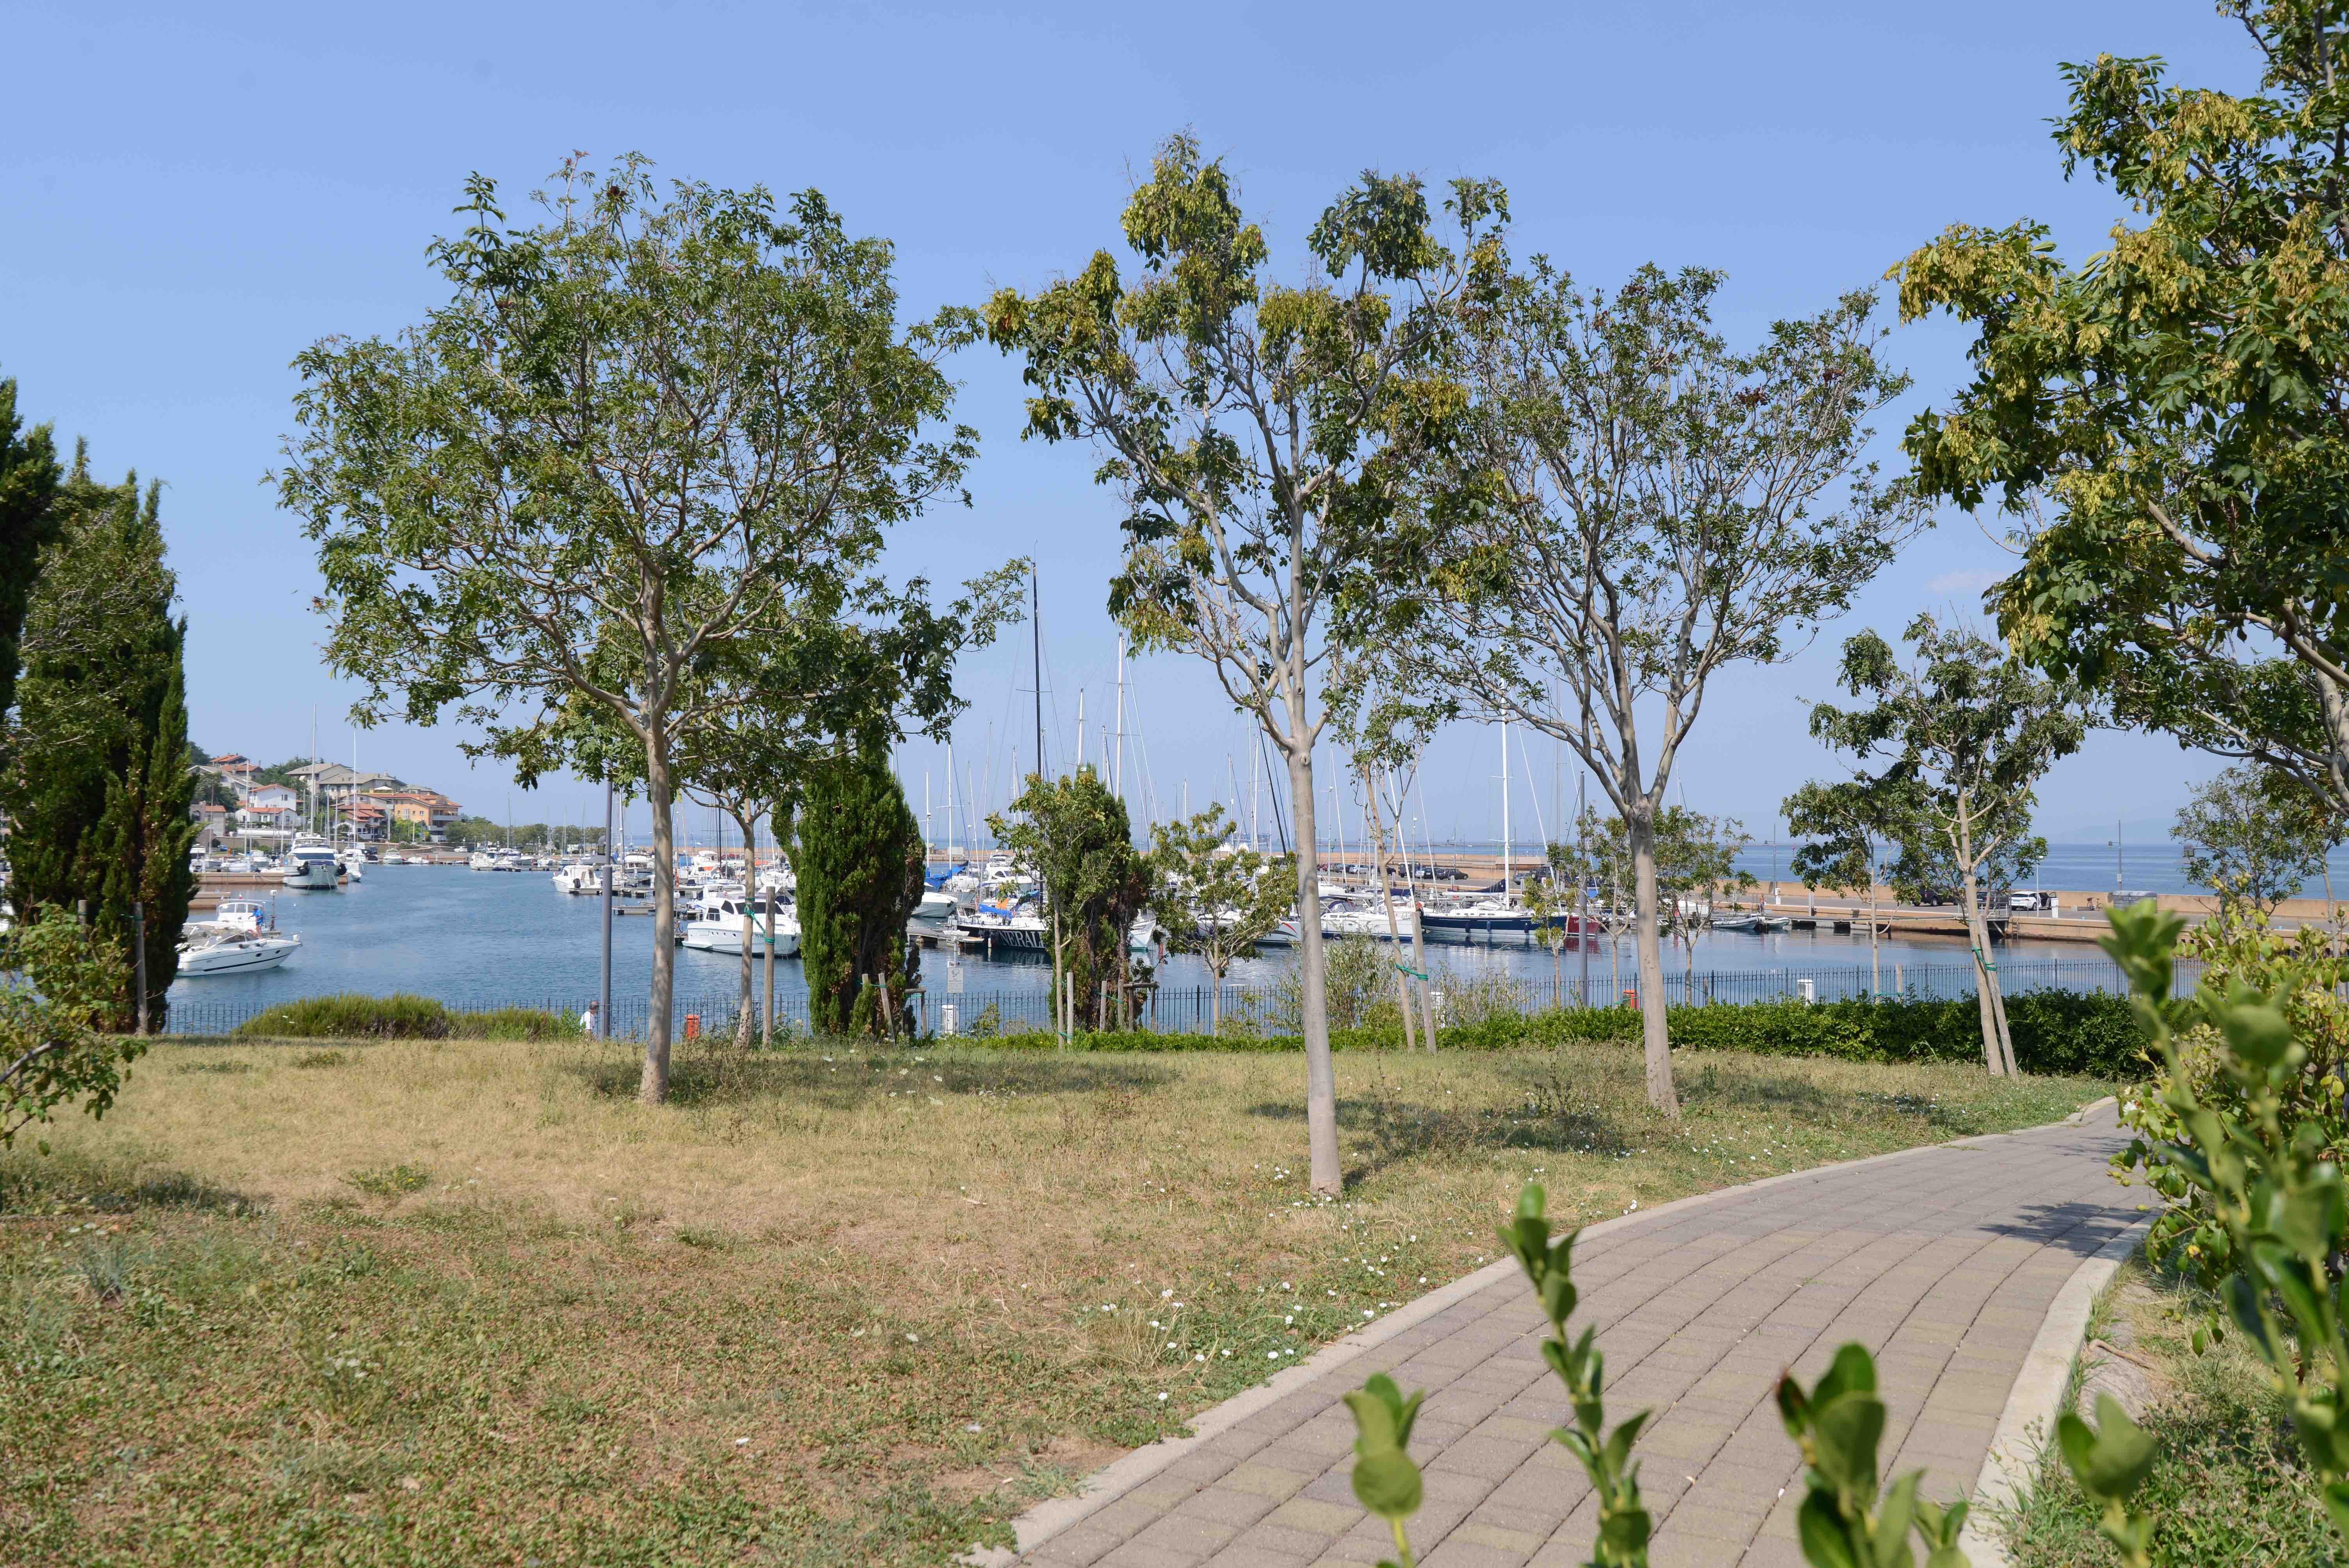 Discarica Marina di Porto San Rocco (Muggia): la Commissione Europea conferma la condanna dell'Italia e l'obbligo di bonifica